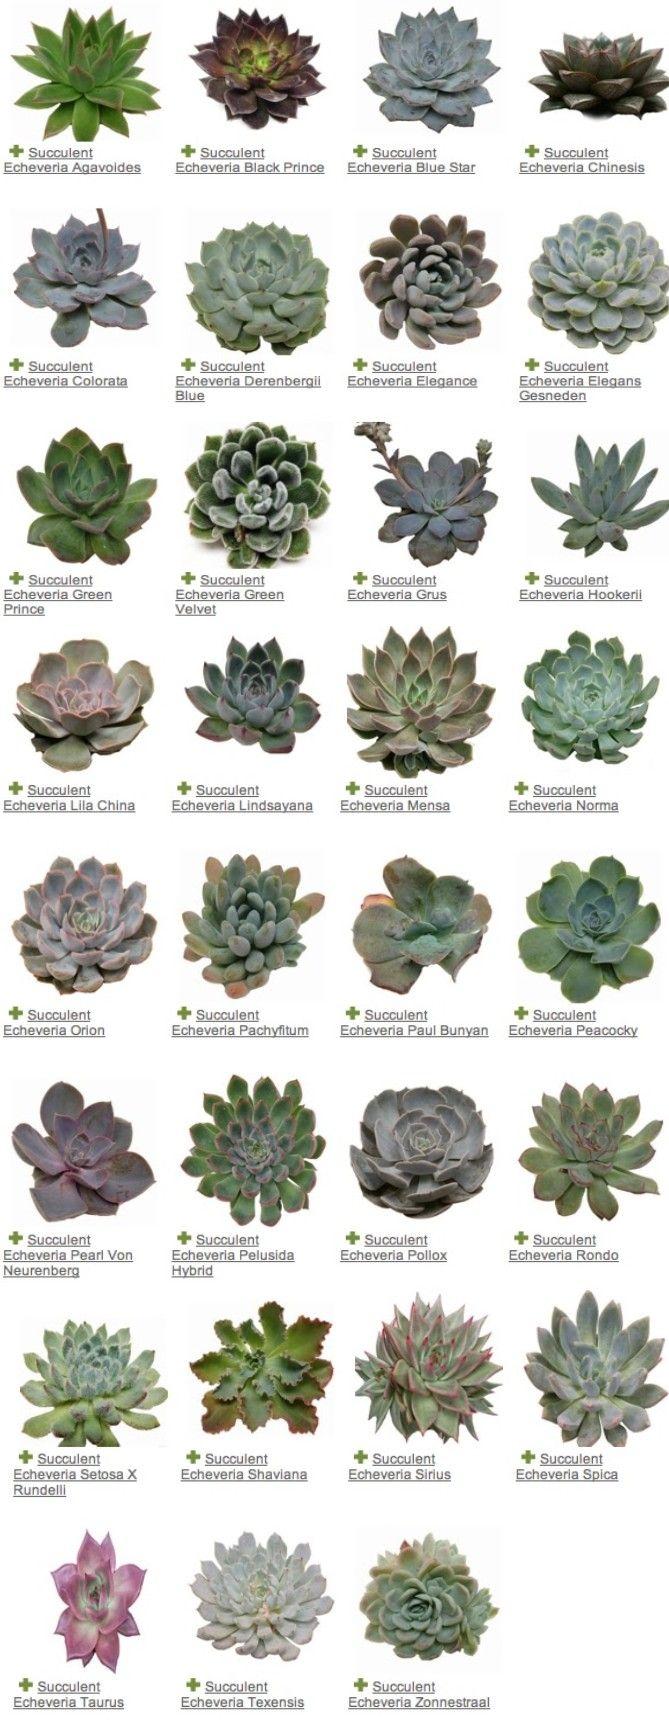 Reconnaître le nom d'une succulente Planting succulents